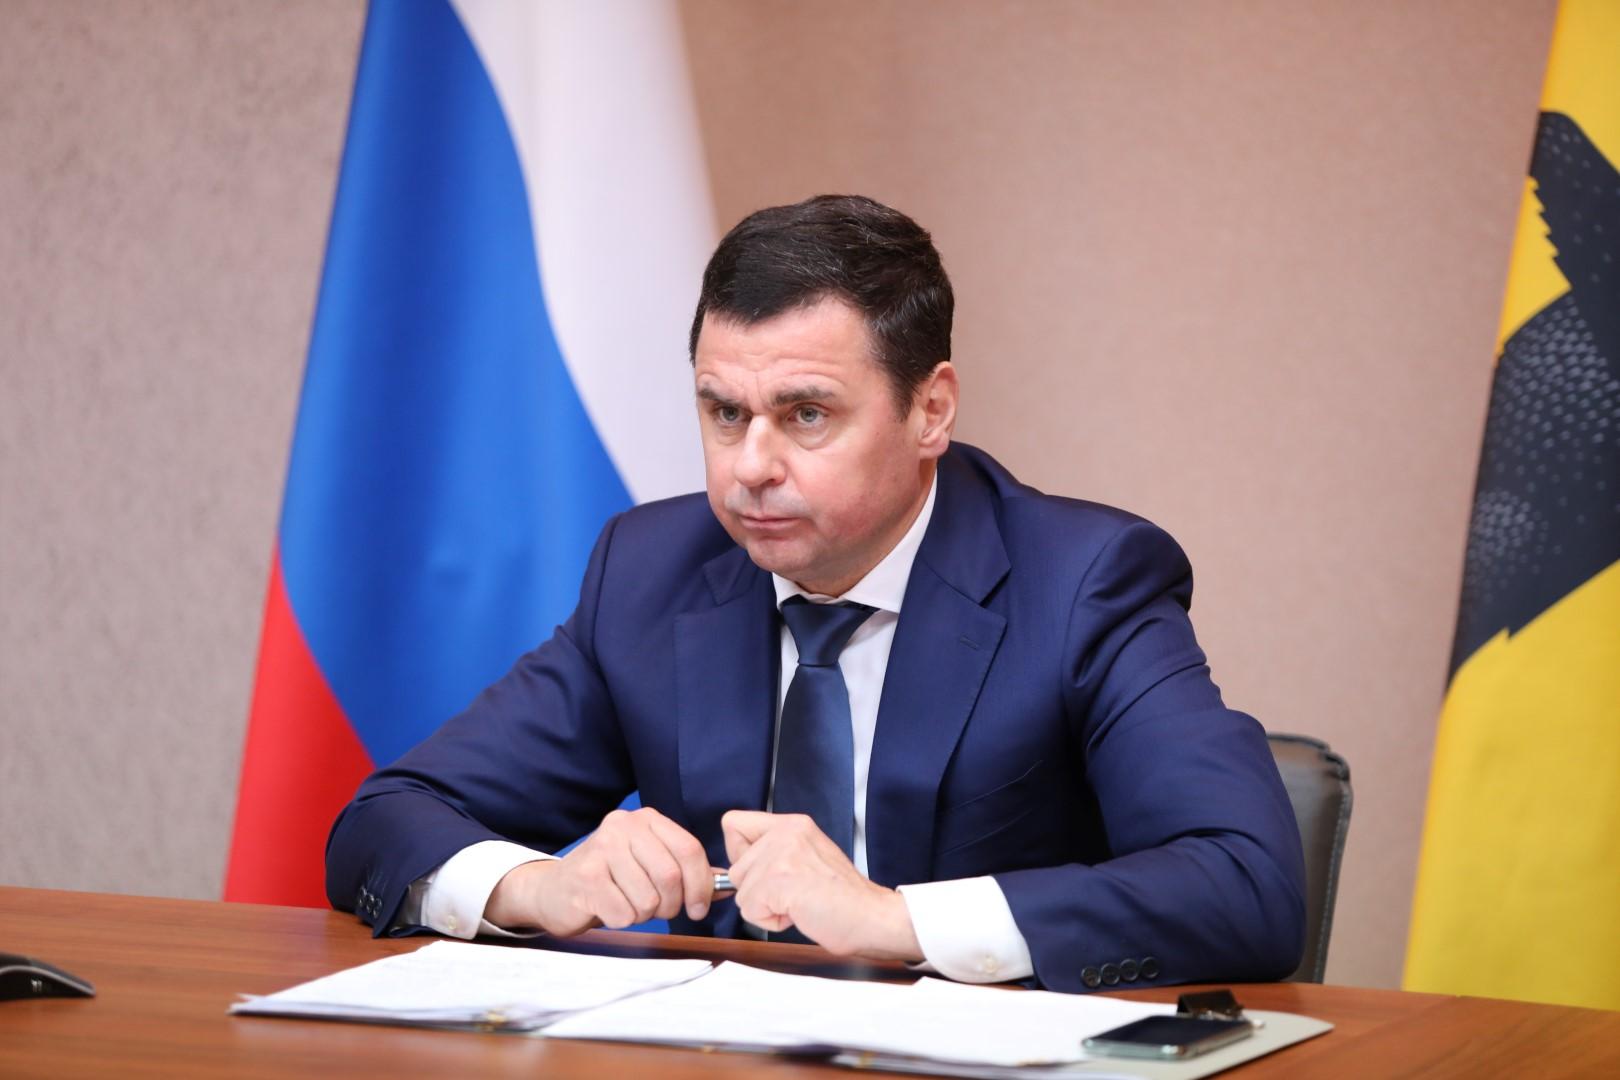 Дмитрий Миронов: только вместе мы сможем сохранить стабильность и согласие в регионе